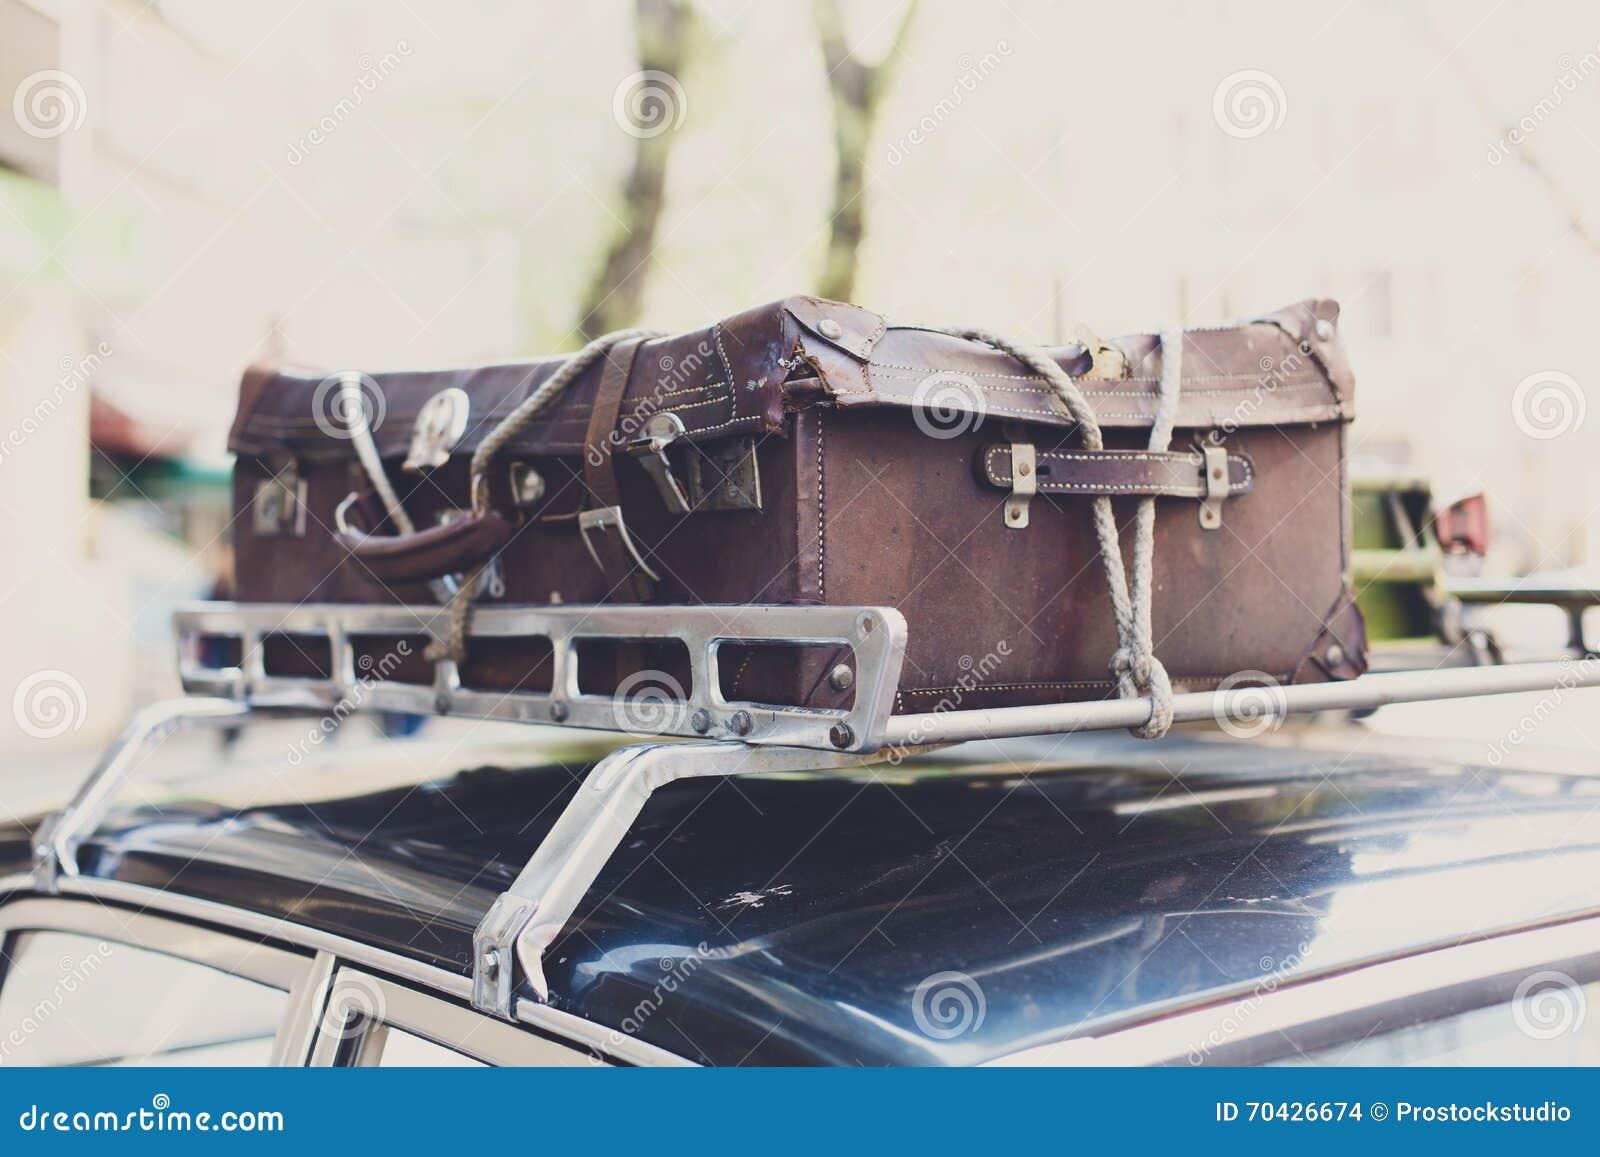 valise de vintage sur une vieille galerie de voiture photo. Black Bedroom Furniture Sets. Home Design Ideas